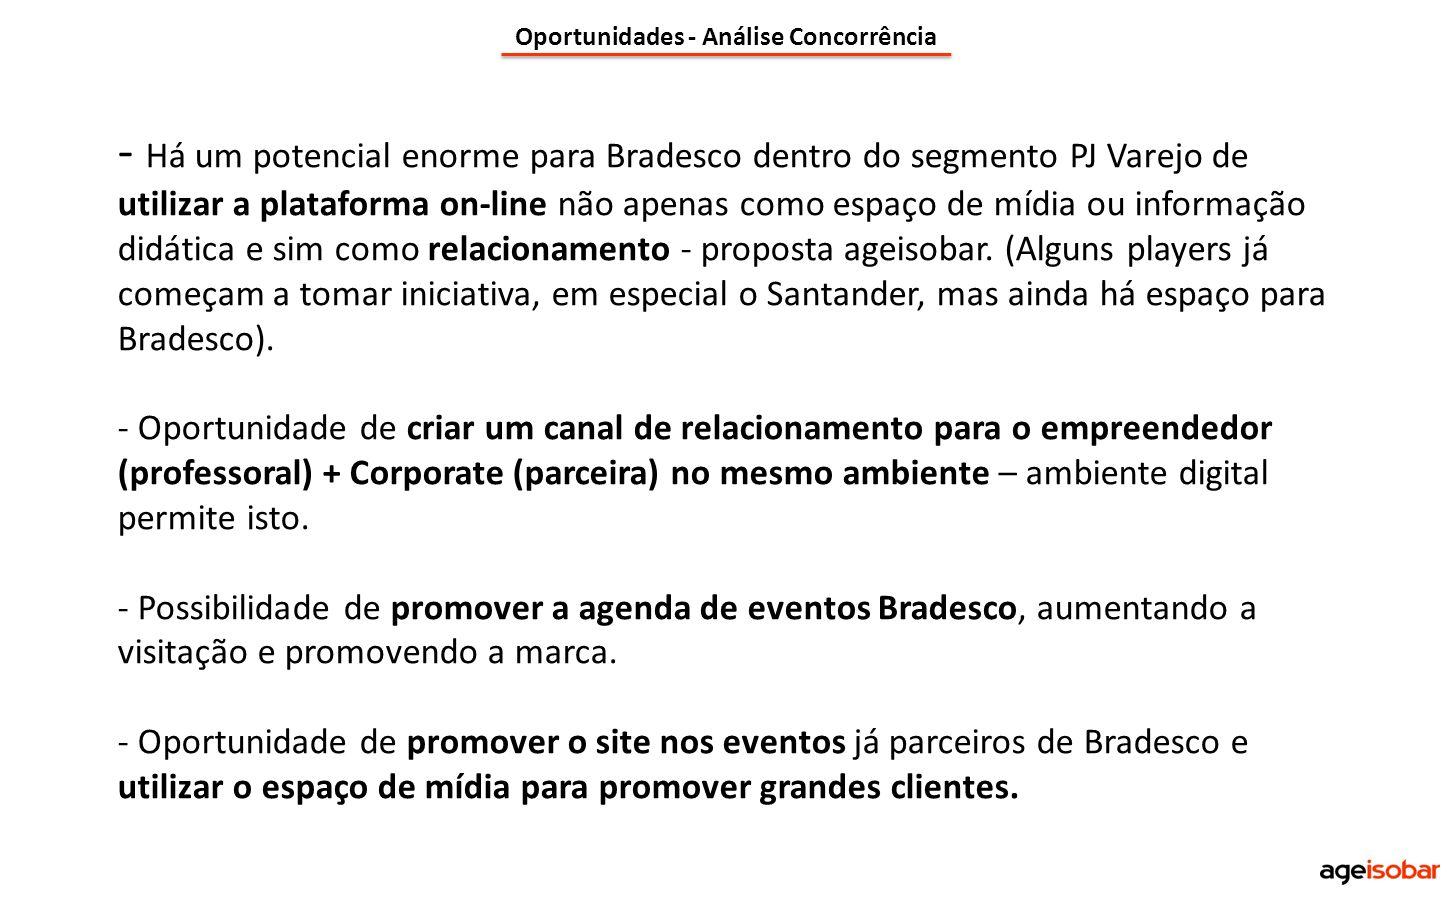 - Há um potencial enorme para Bradesco dentro do segmento PJ Varejo de utilizar a plataforma on-line não apenas como espaço de mídia ou informação did